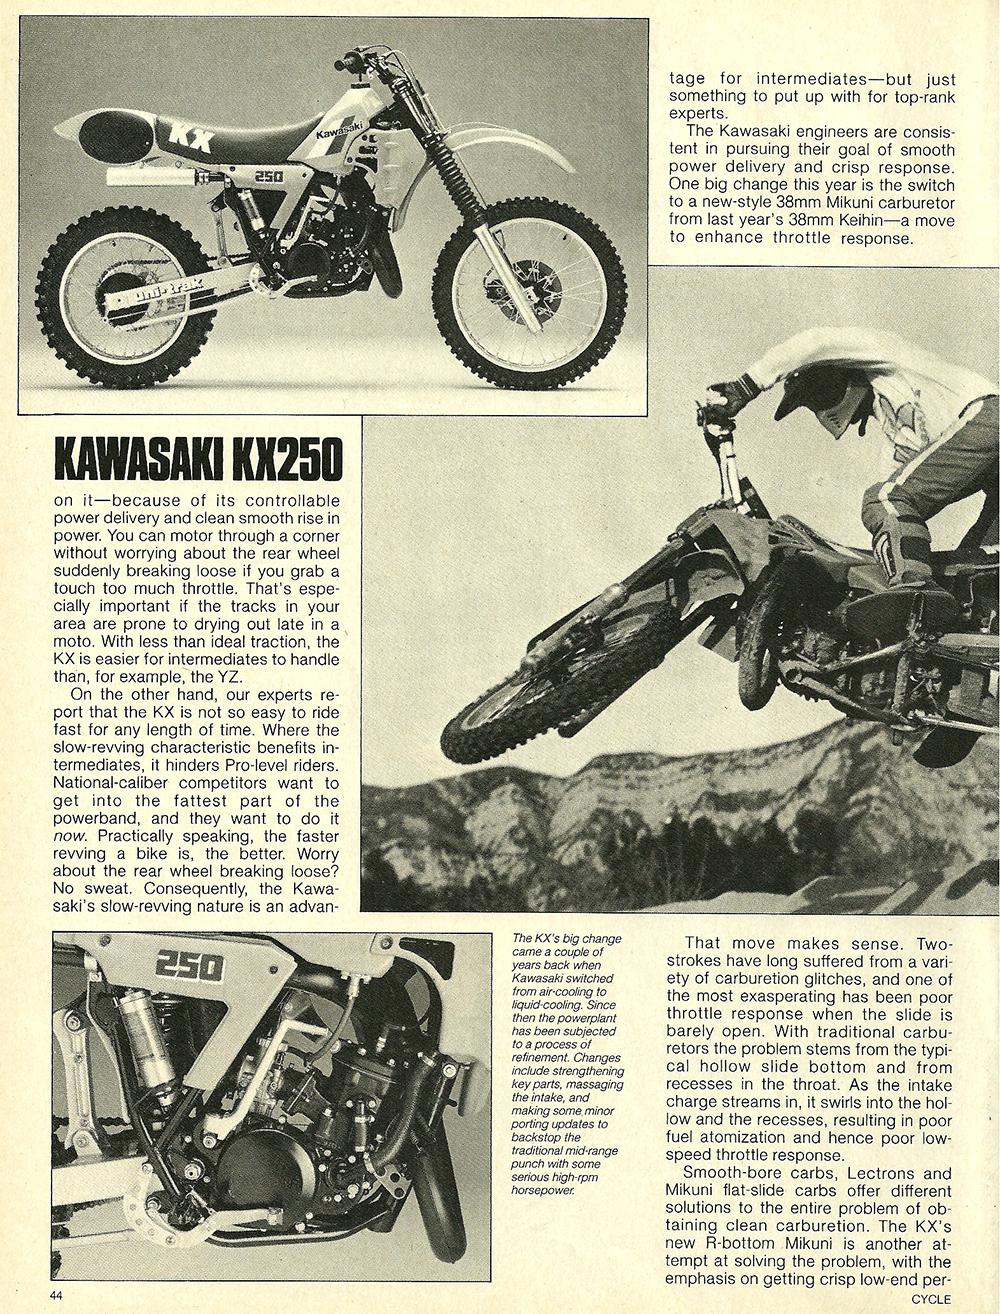 1984 Kawasaki KX250 road test 3.jpg